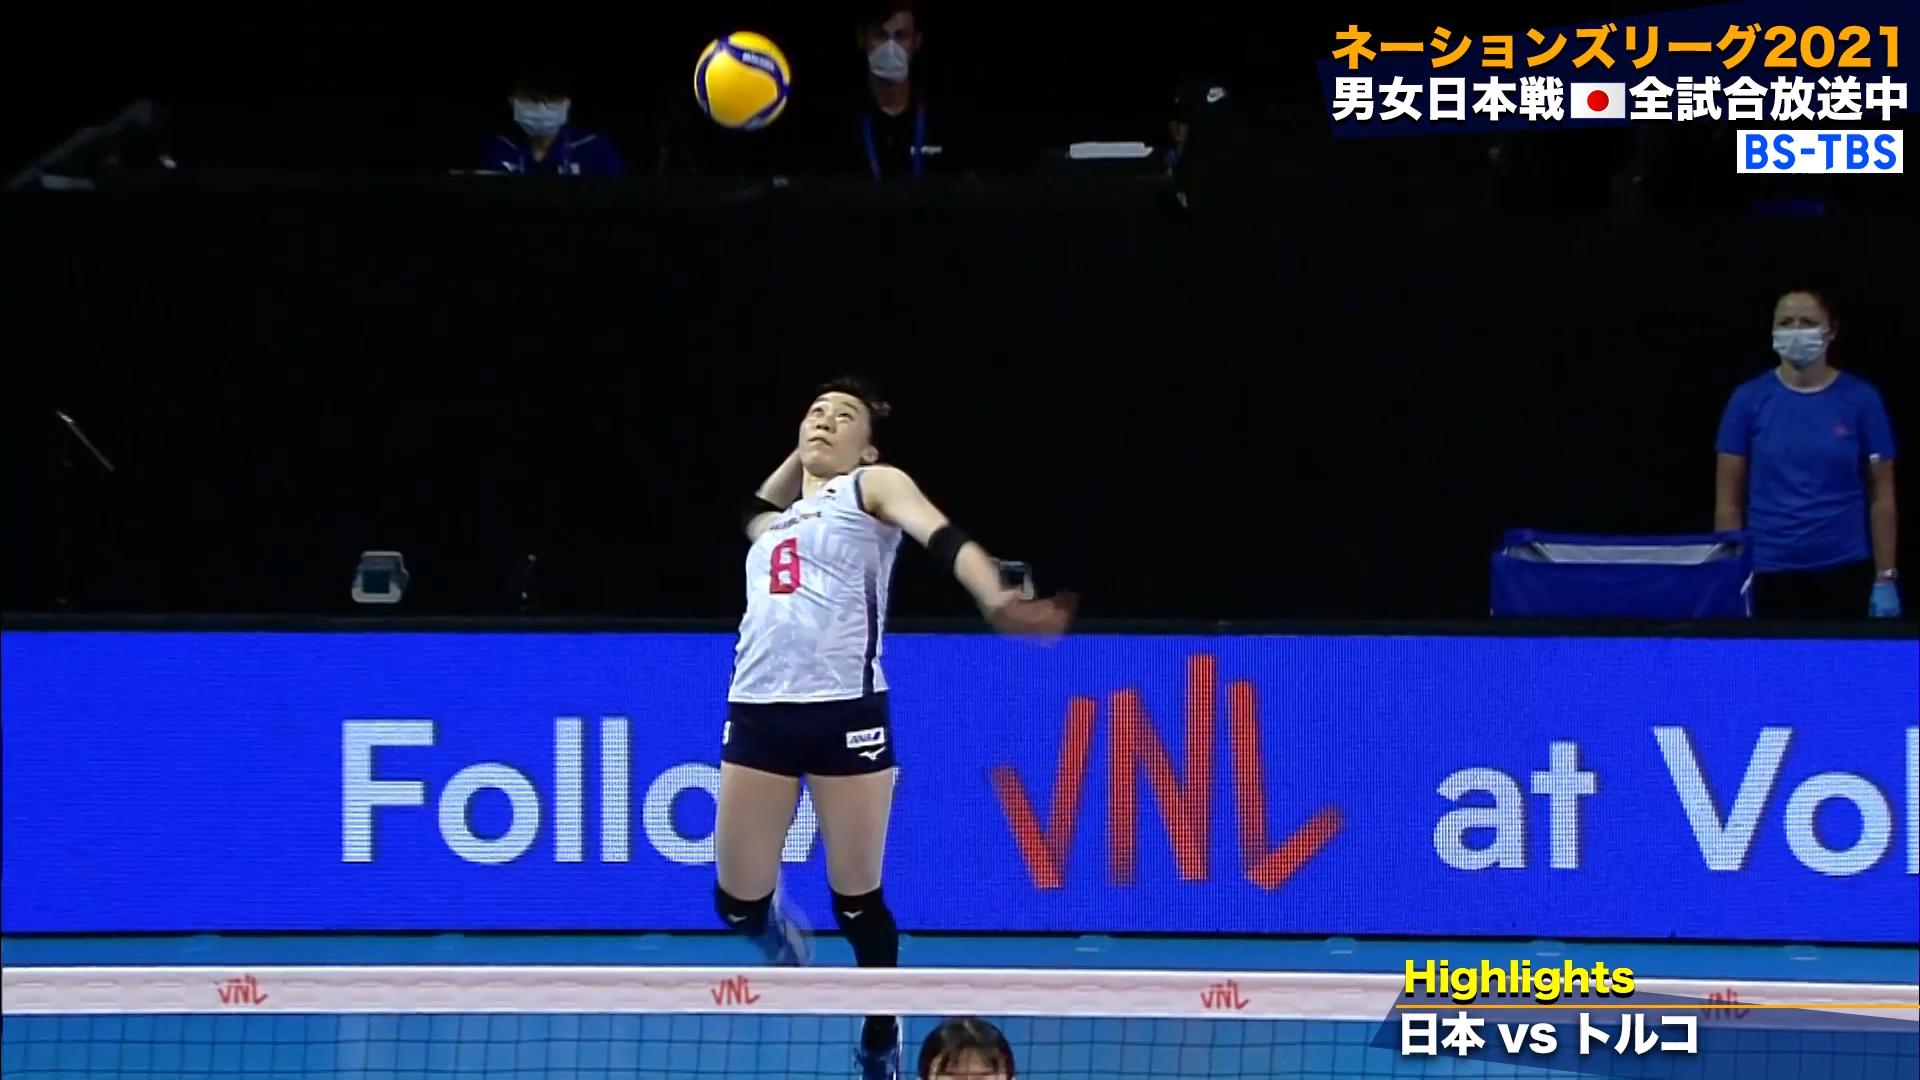 バレーボールネーションズリーグ 女子日本 世界ランク4位のトルコに勝利!8勝目【ハイライト】